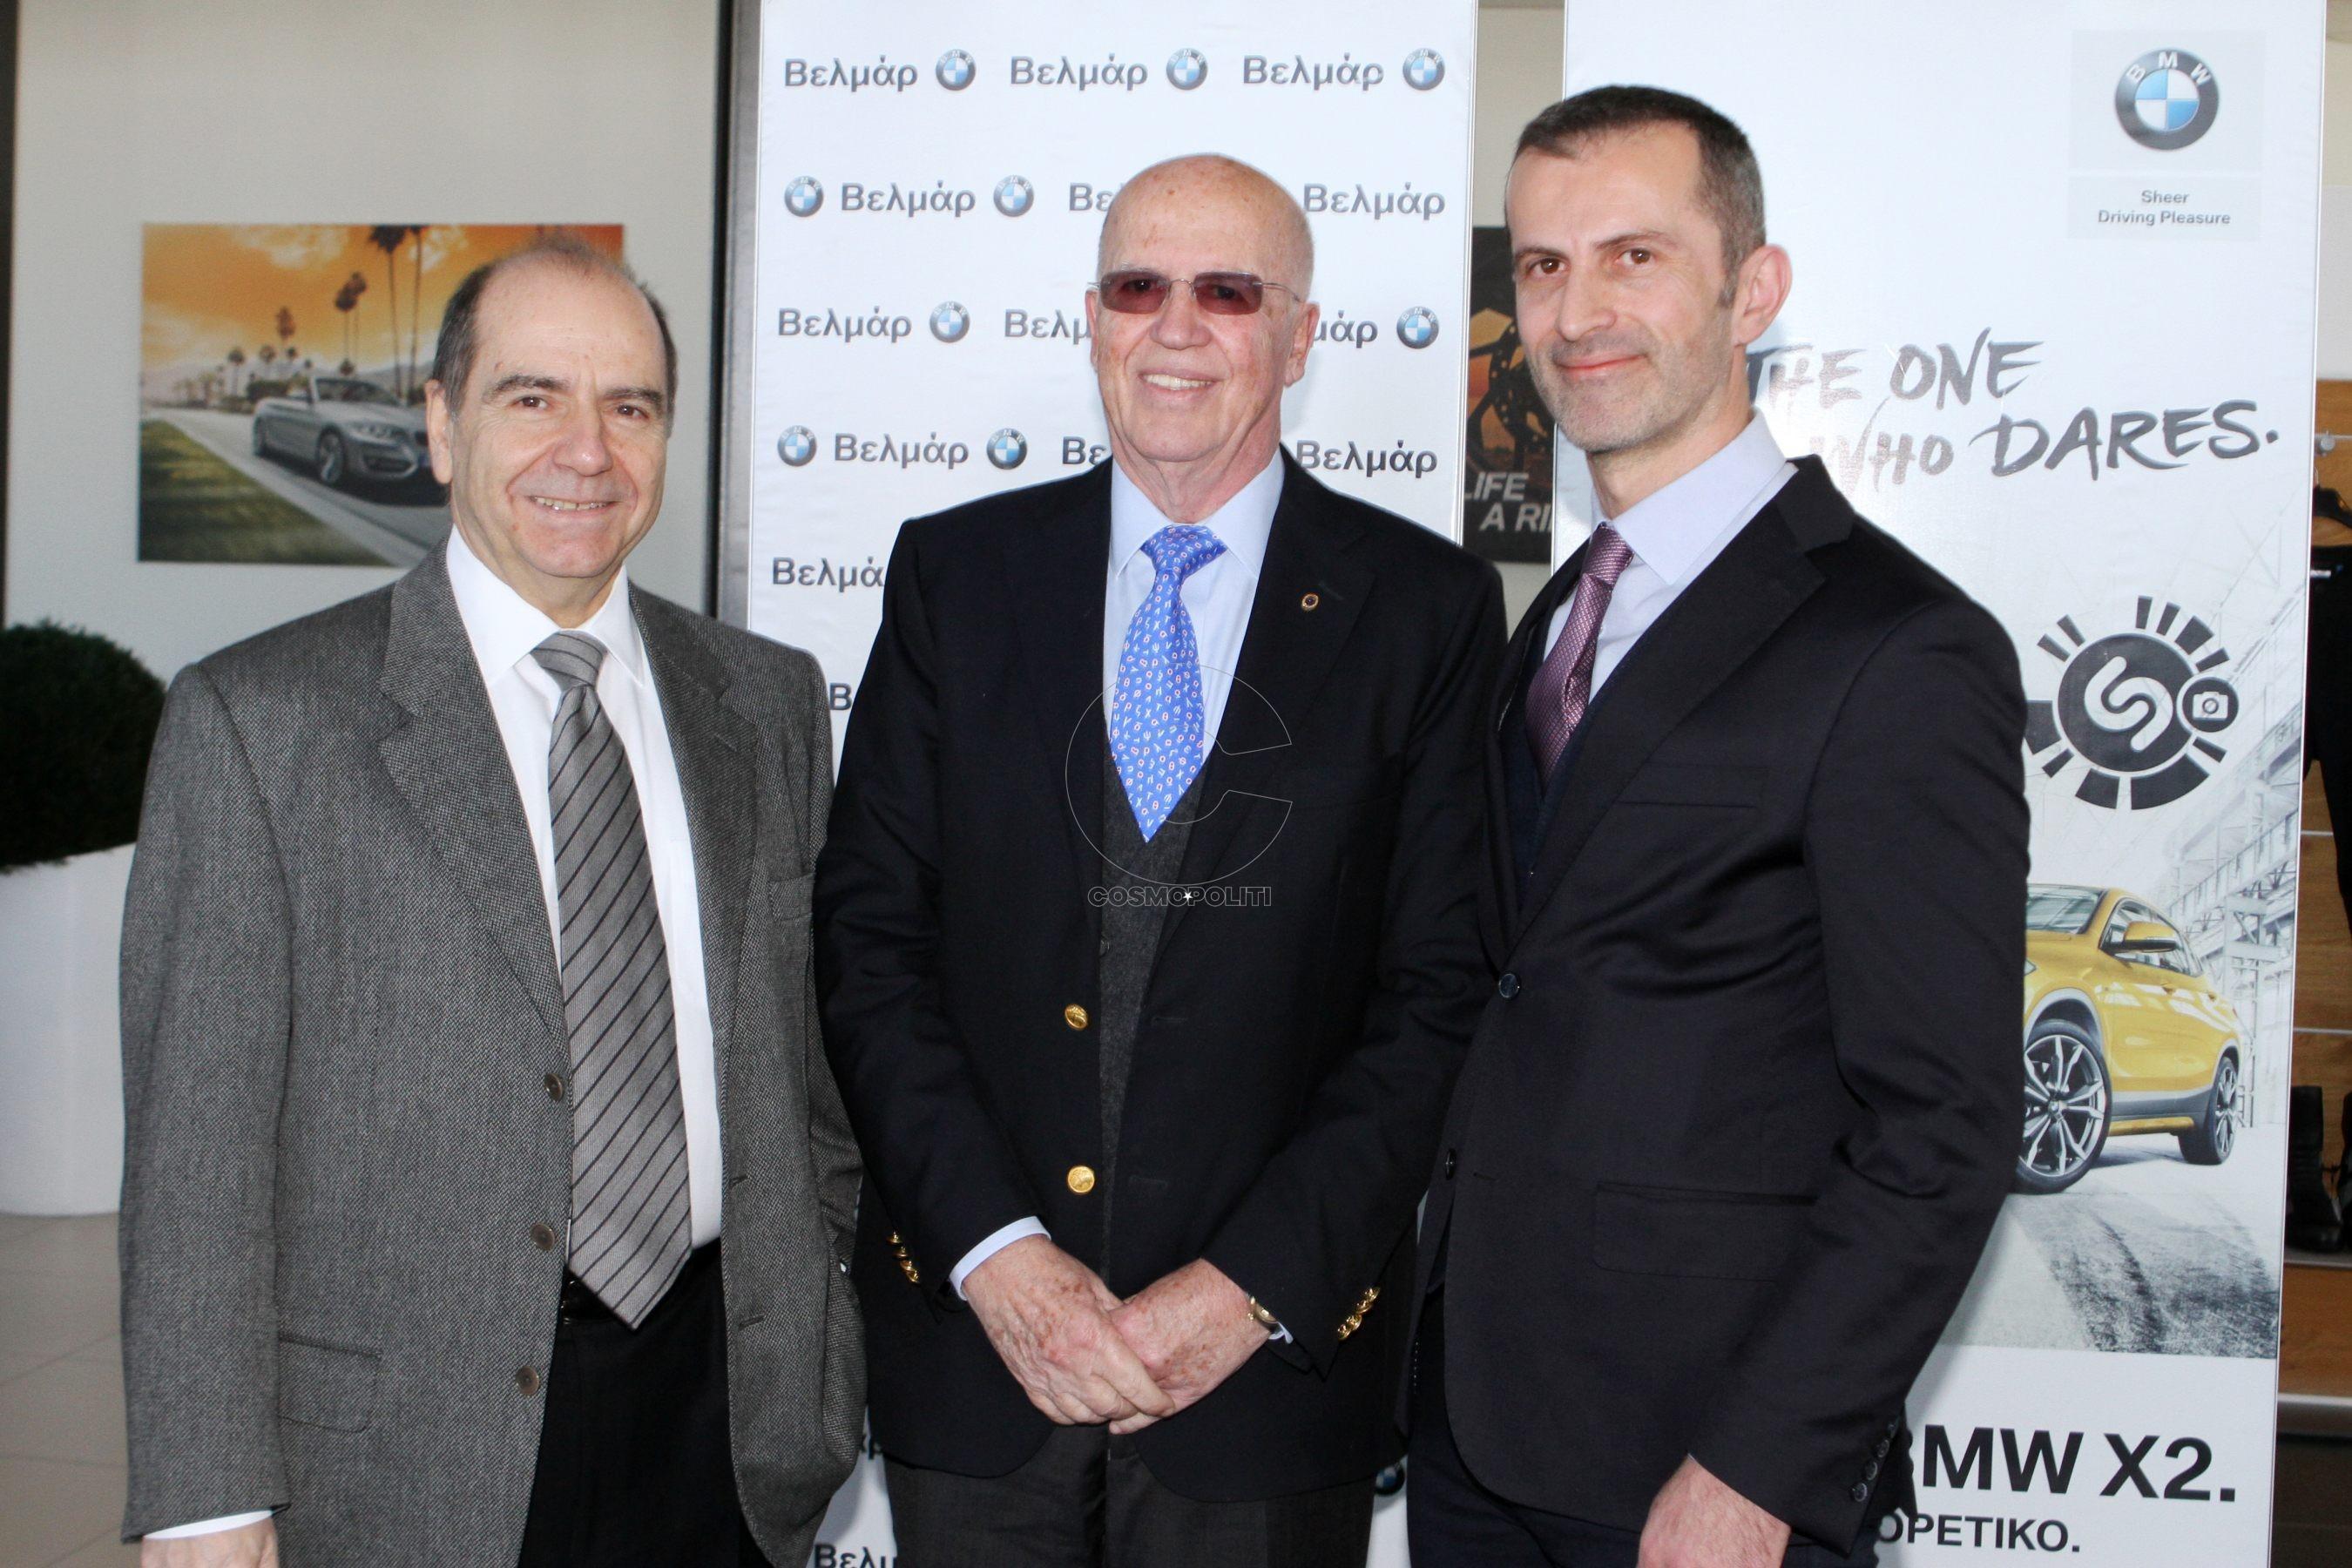 71 Δημήτρης Συμεωνίδης, Ρήγας Τζελέπογλου, Διευθυντής Πωλήσεων της BMW Βελμάρ Στέλιος Δάτσικας